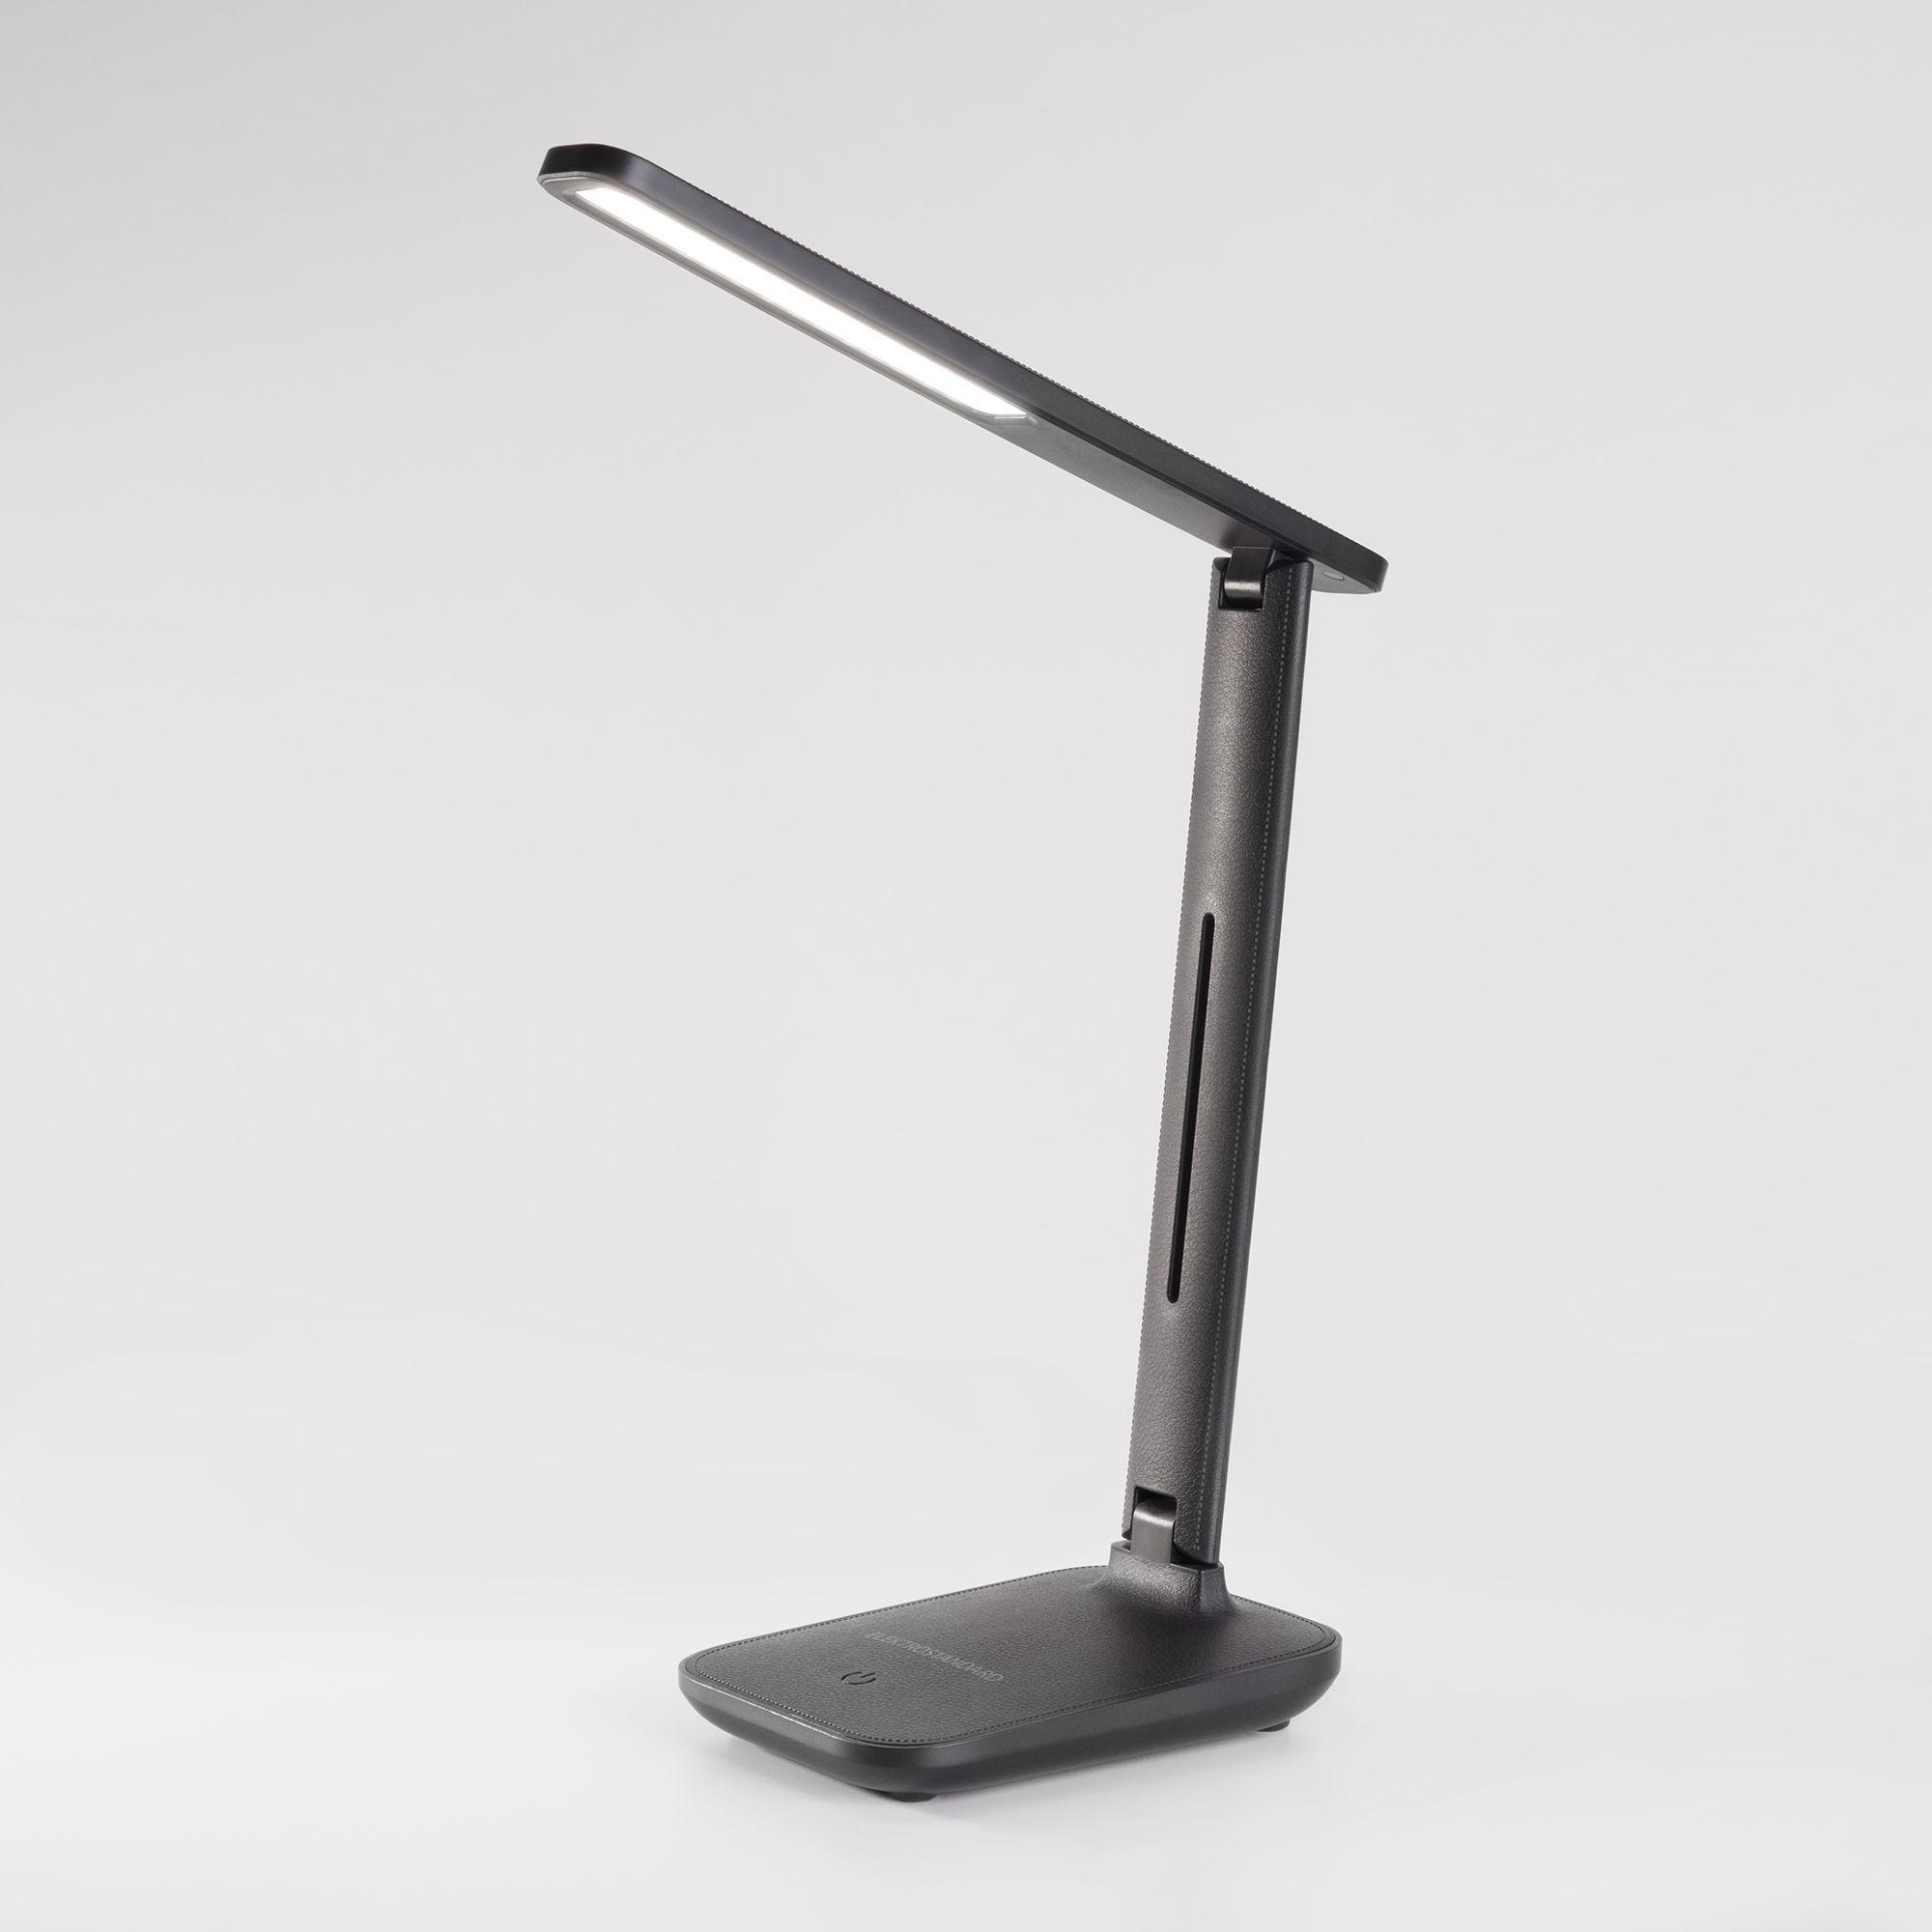 Настольный светодиодный светильник Pele черный Pele черный (TL80960)